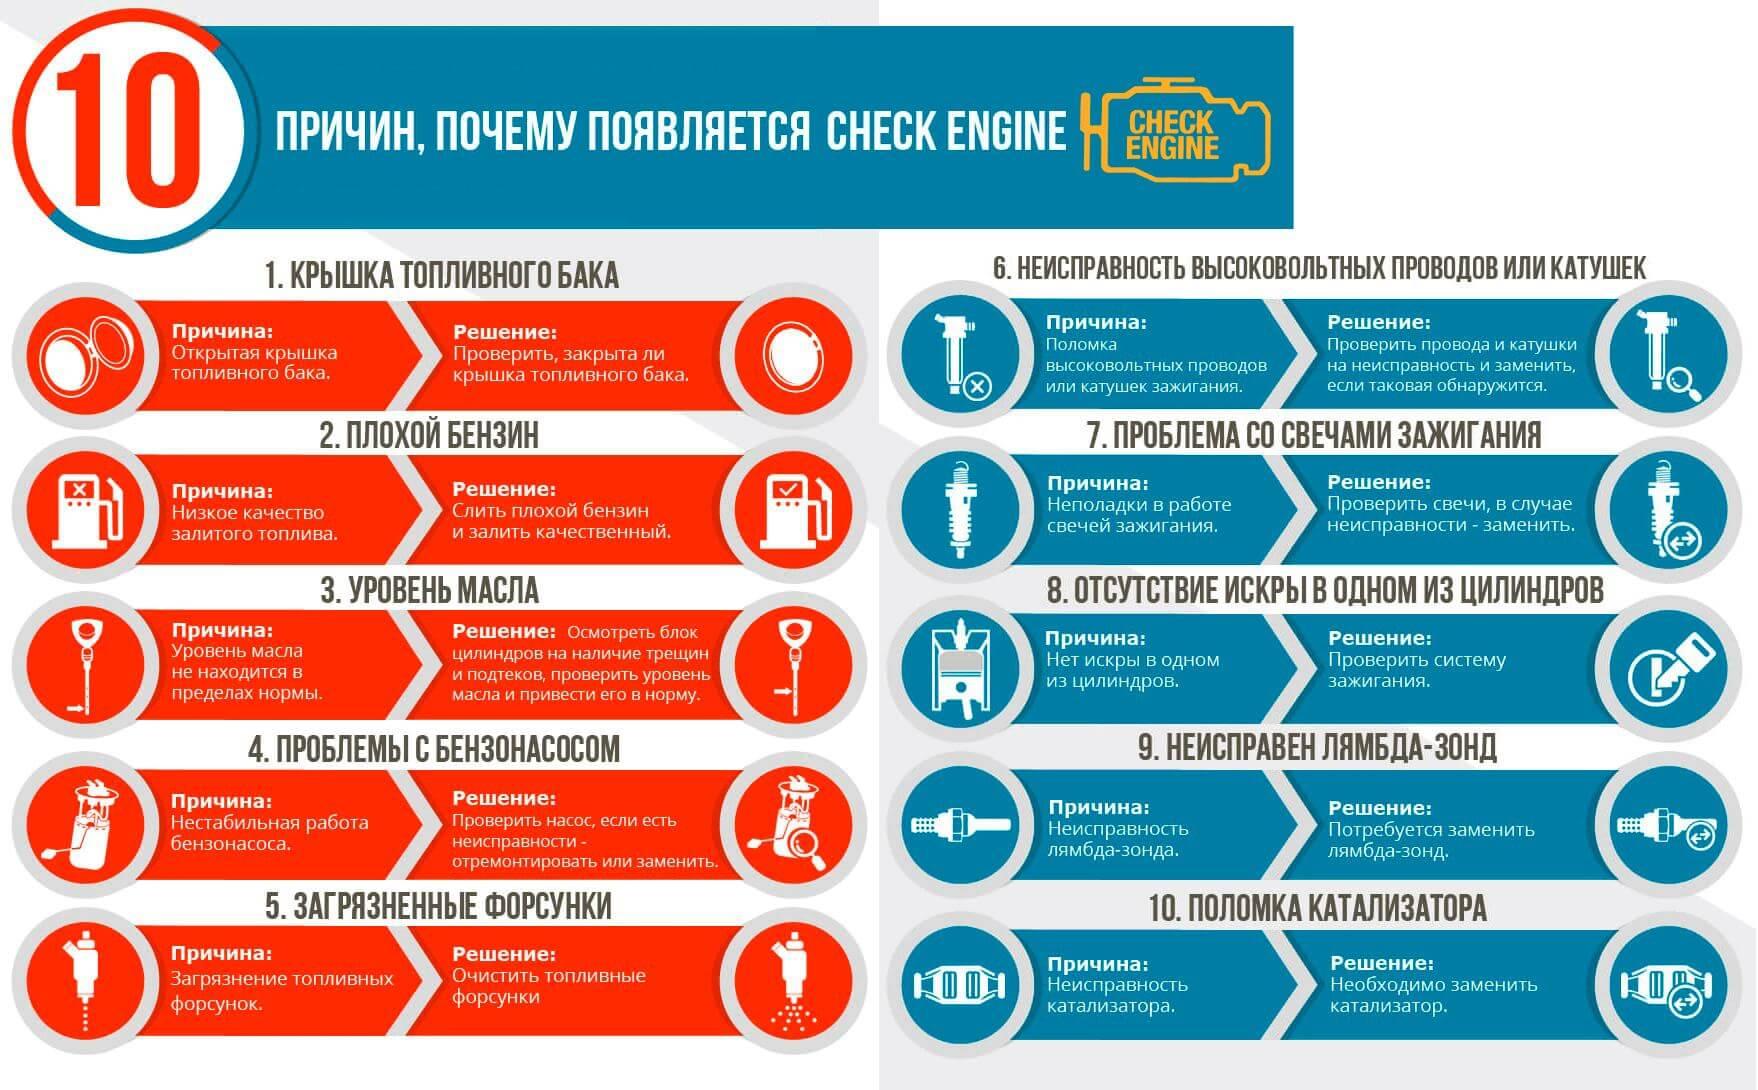 10 причины появления CHECK ENGINE